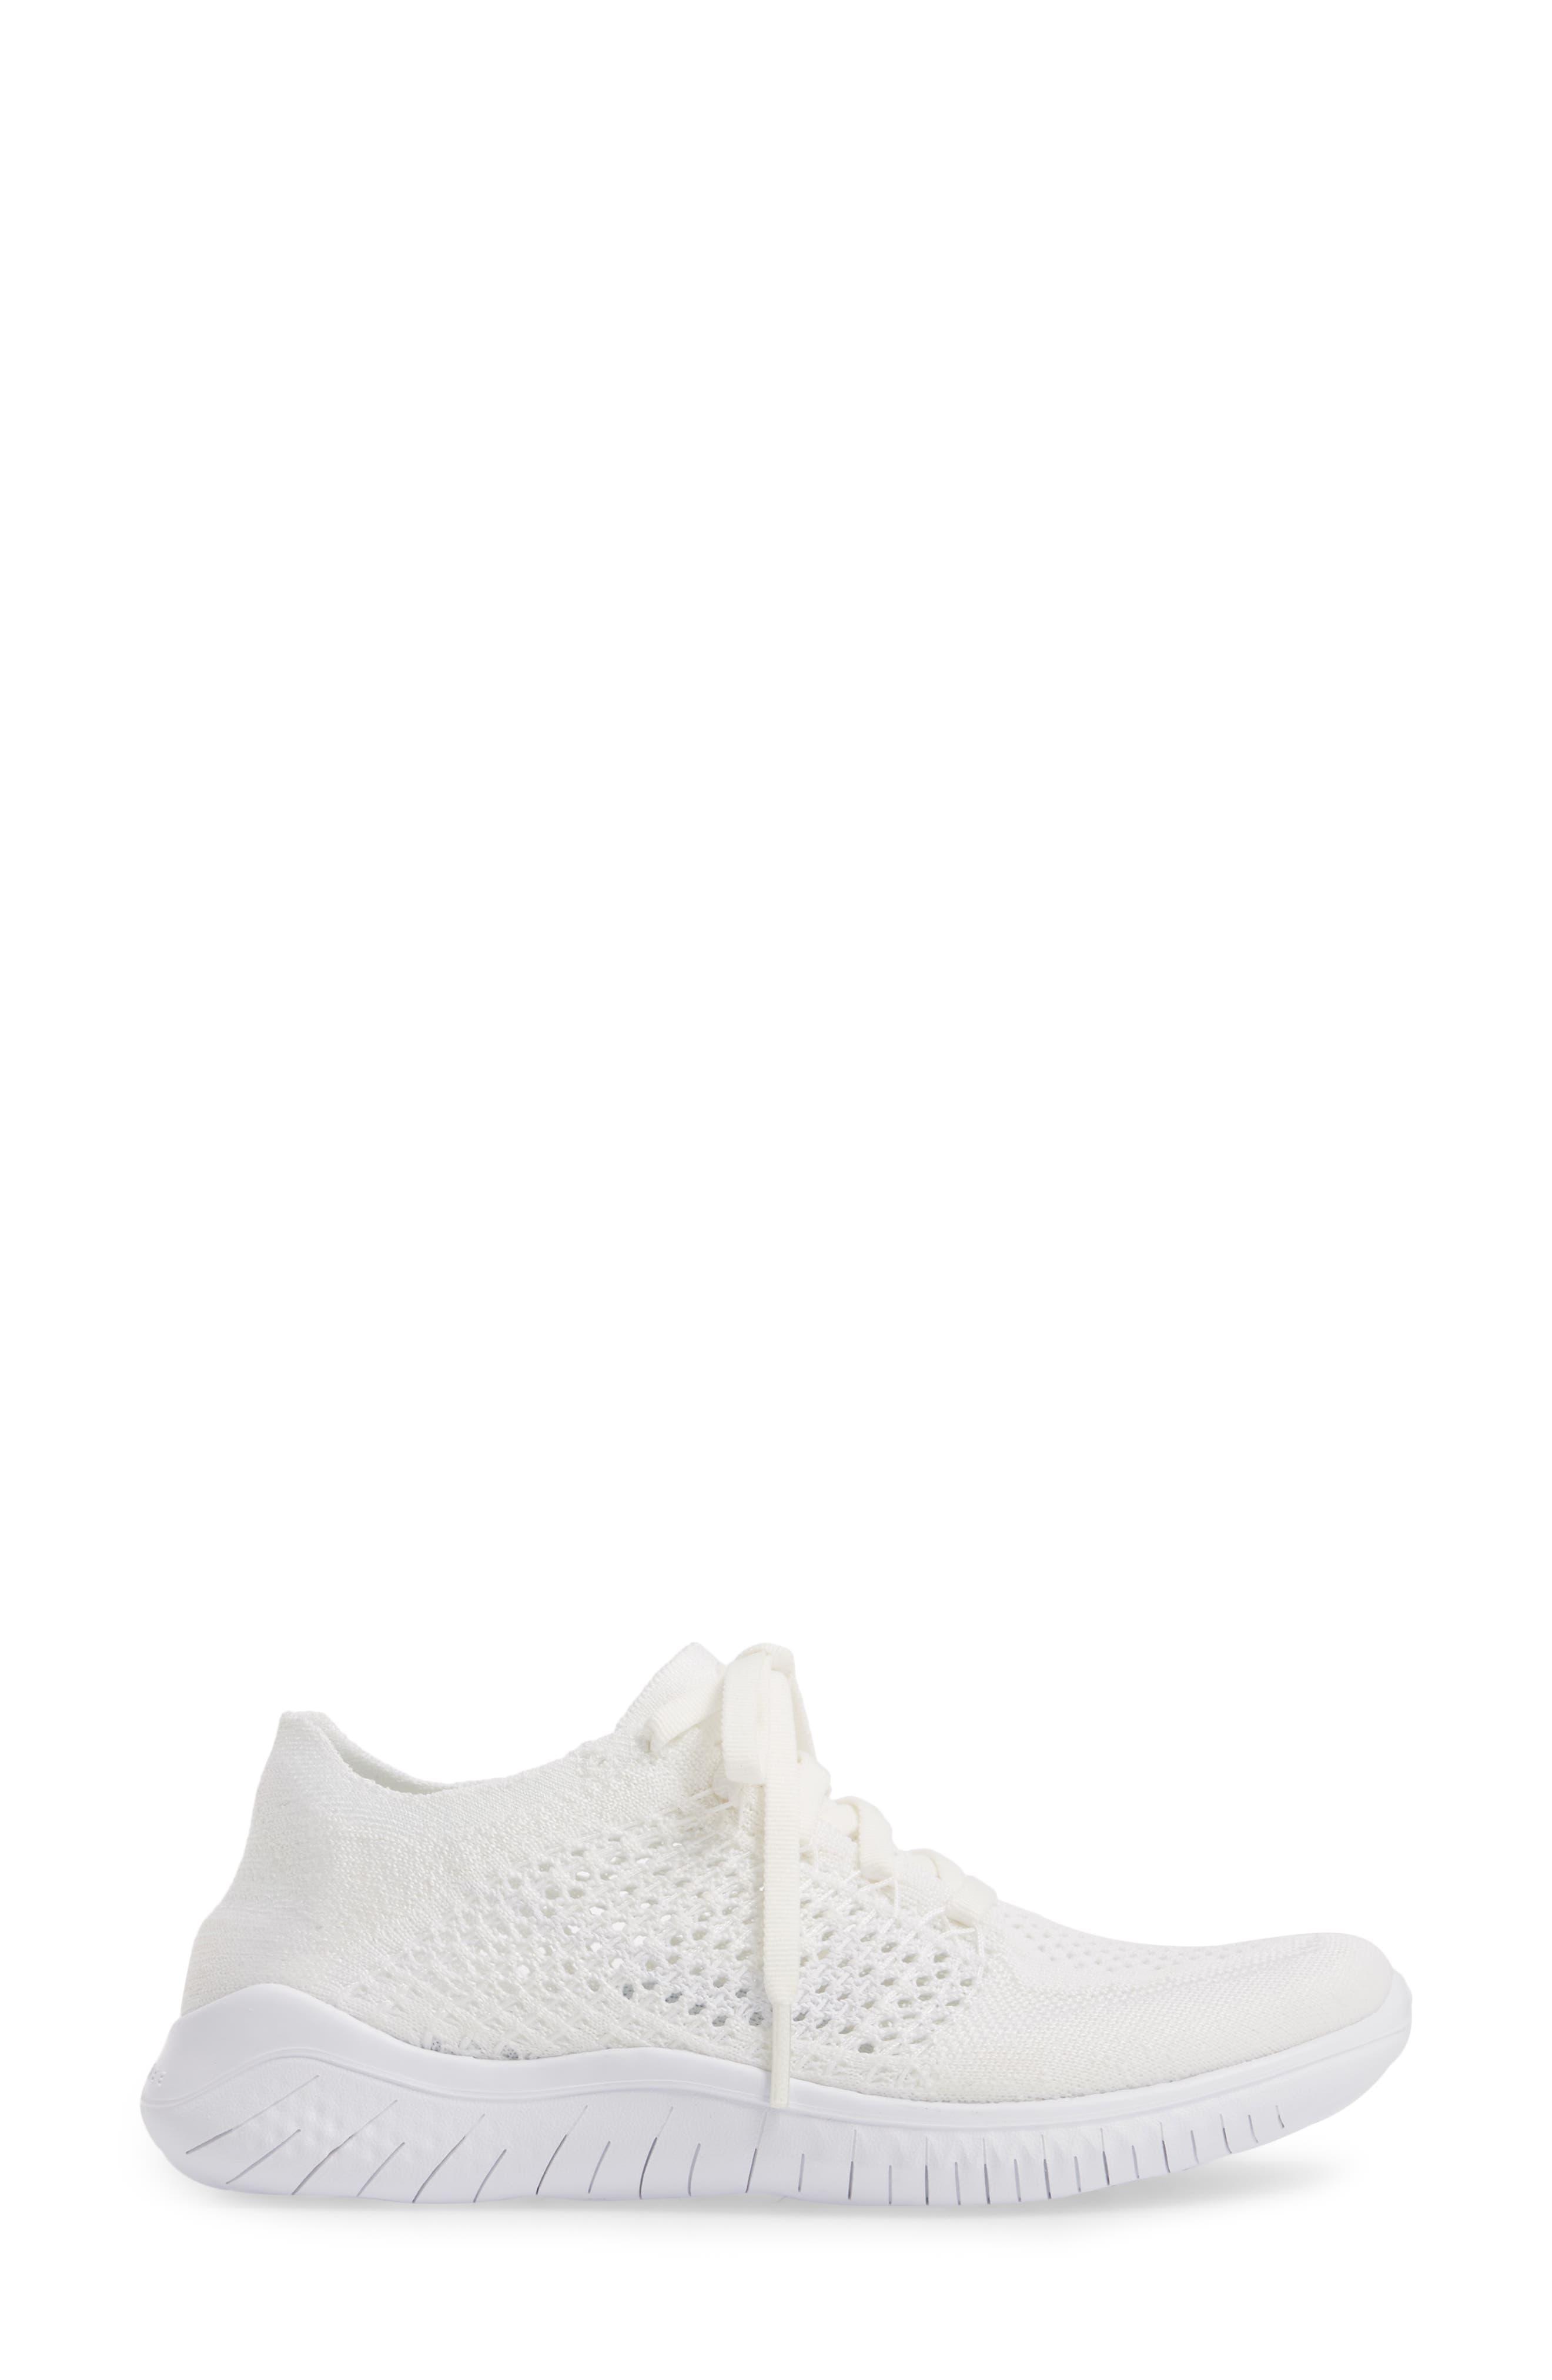 Free RN Flyknit 2018 Running Shoe,                             Alternate thumbnail 6, color,                             White/ White